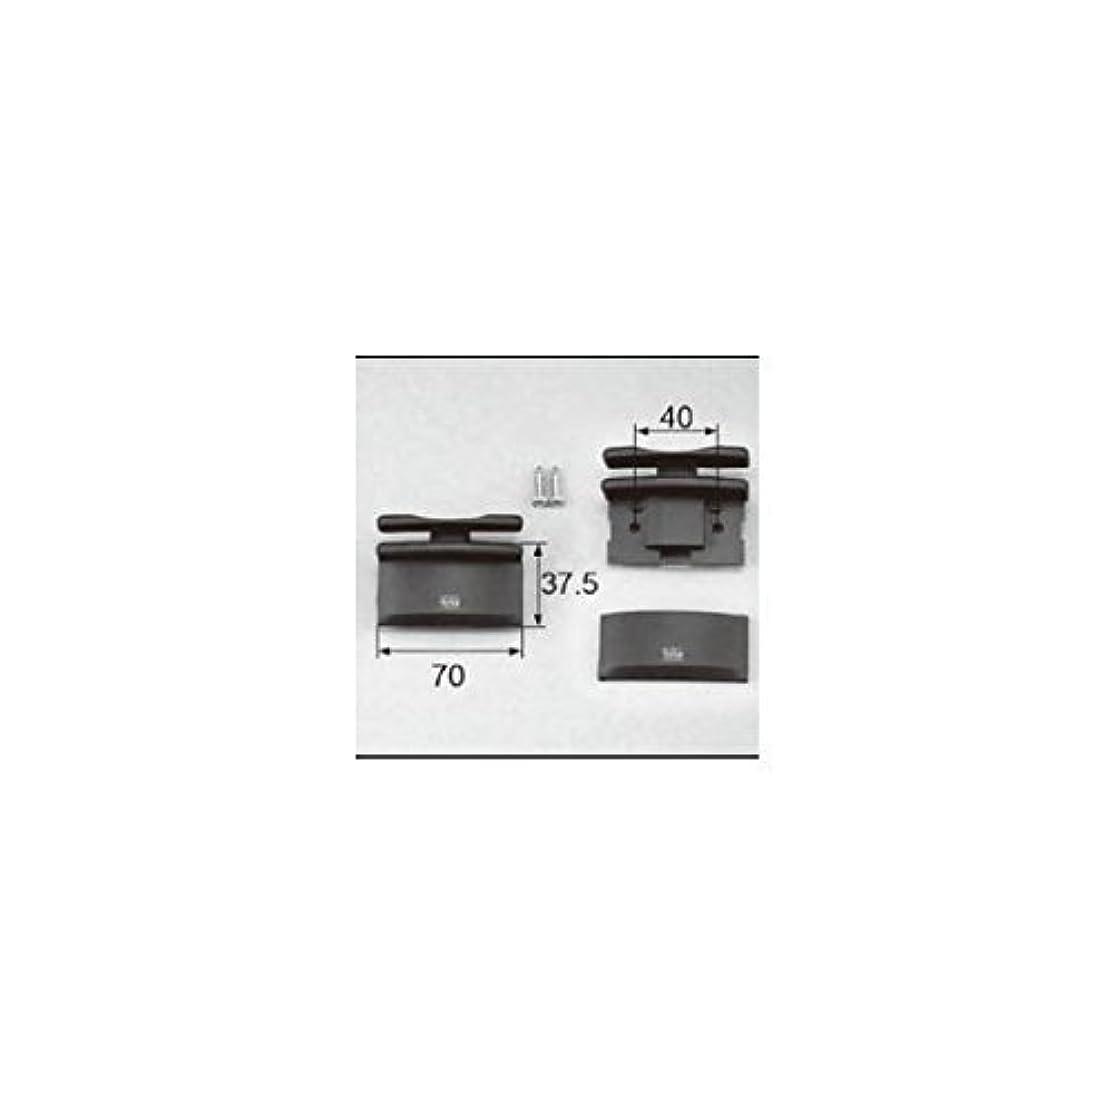 経験的問い合わせるクレデンシャルLIXIL メンテナンス部品 窓サッシ用部品 引手 装飾窓 上げ下げラッチ把手 TOSTEM トステム ブロンズ[FNMB067] *製品色?形状等仕様変更になる場合があります*